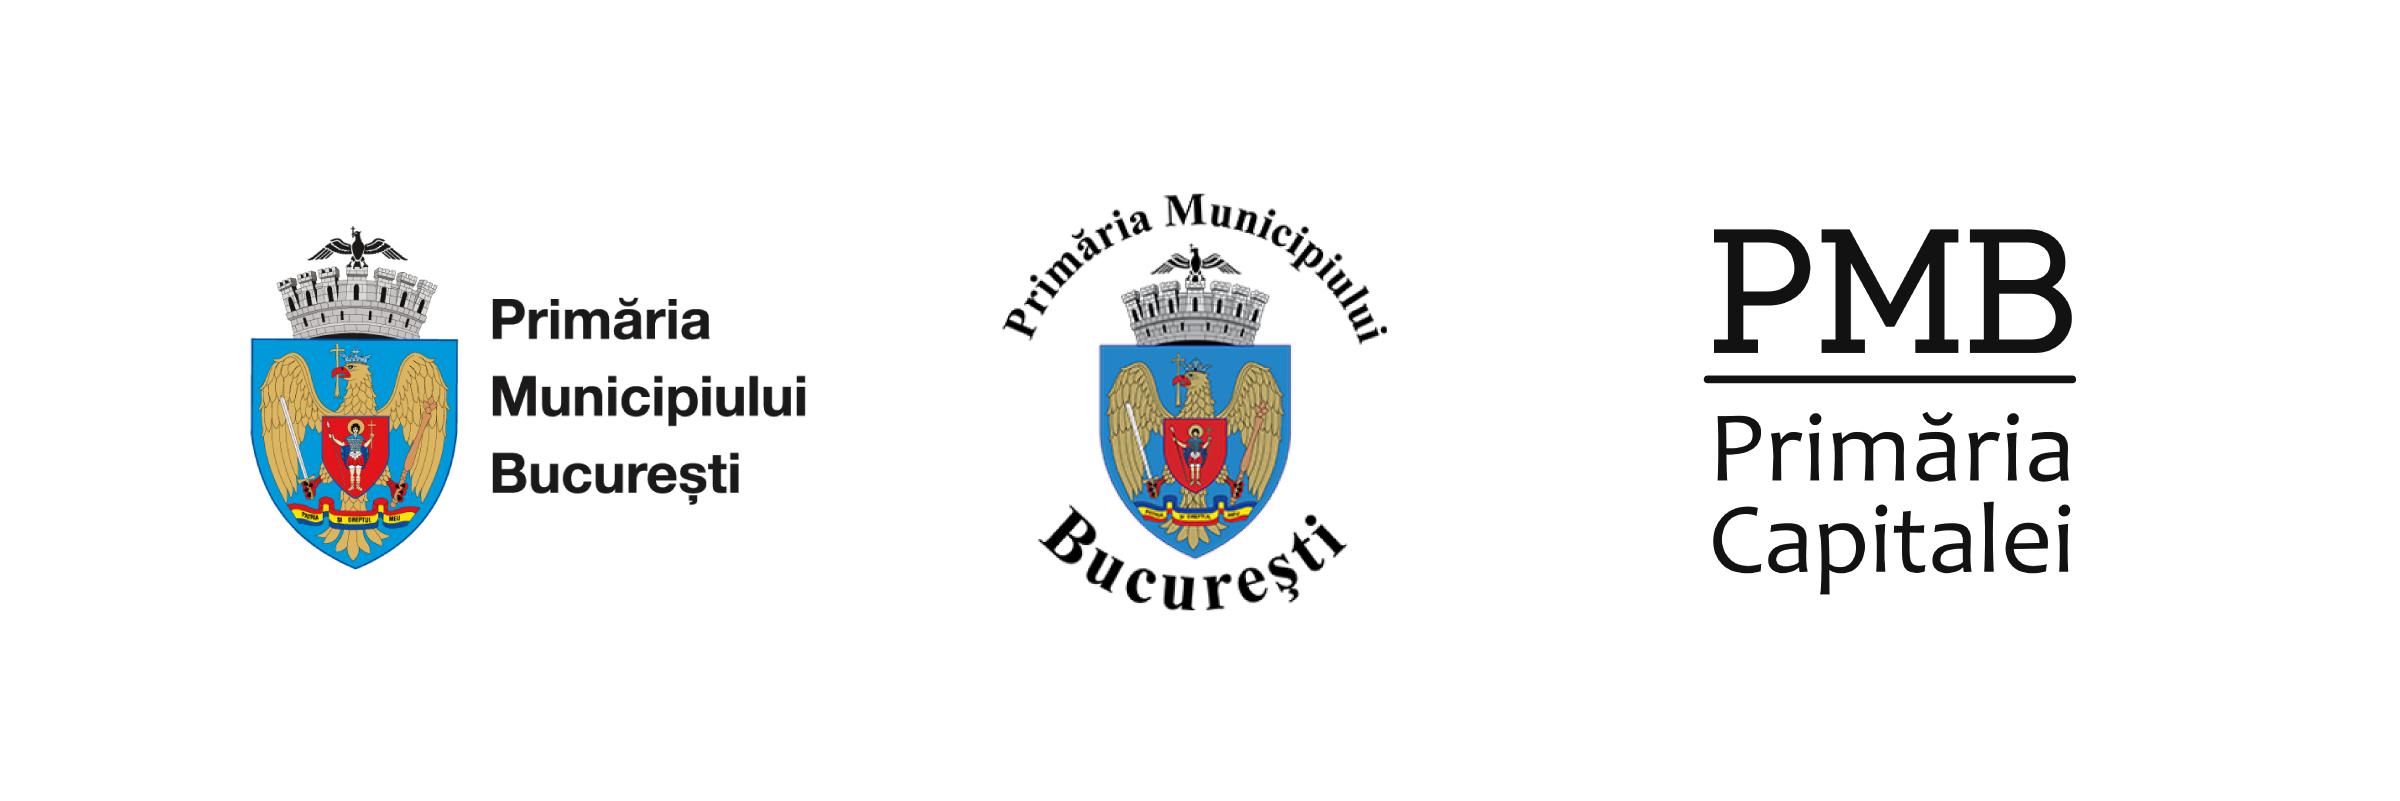 Un sfert din logo-urile Primăriei Municipiului București